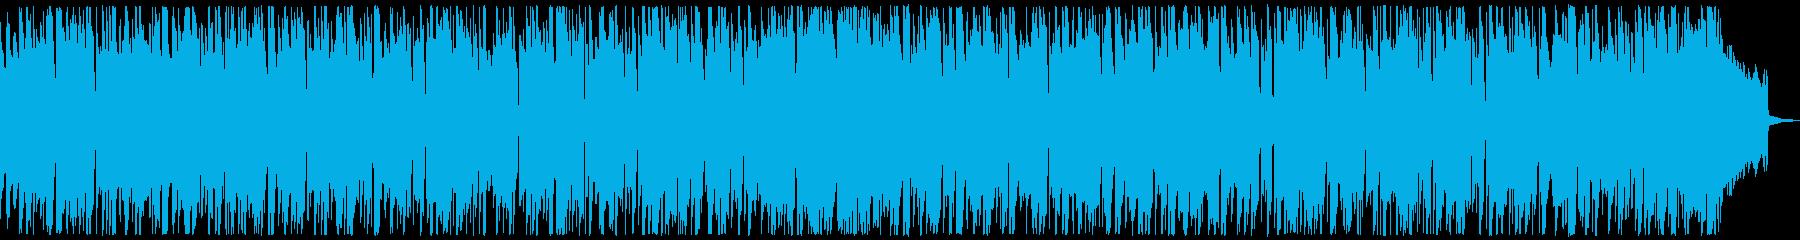 夏をイメージした明るいボサノヴァ風BGMの再生済みの波形